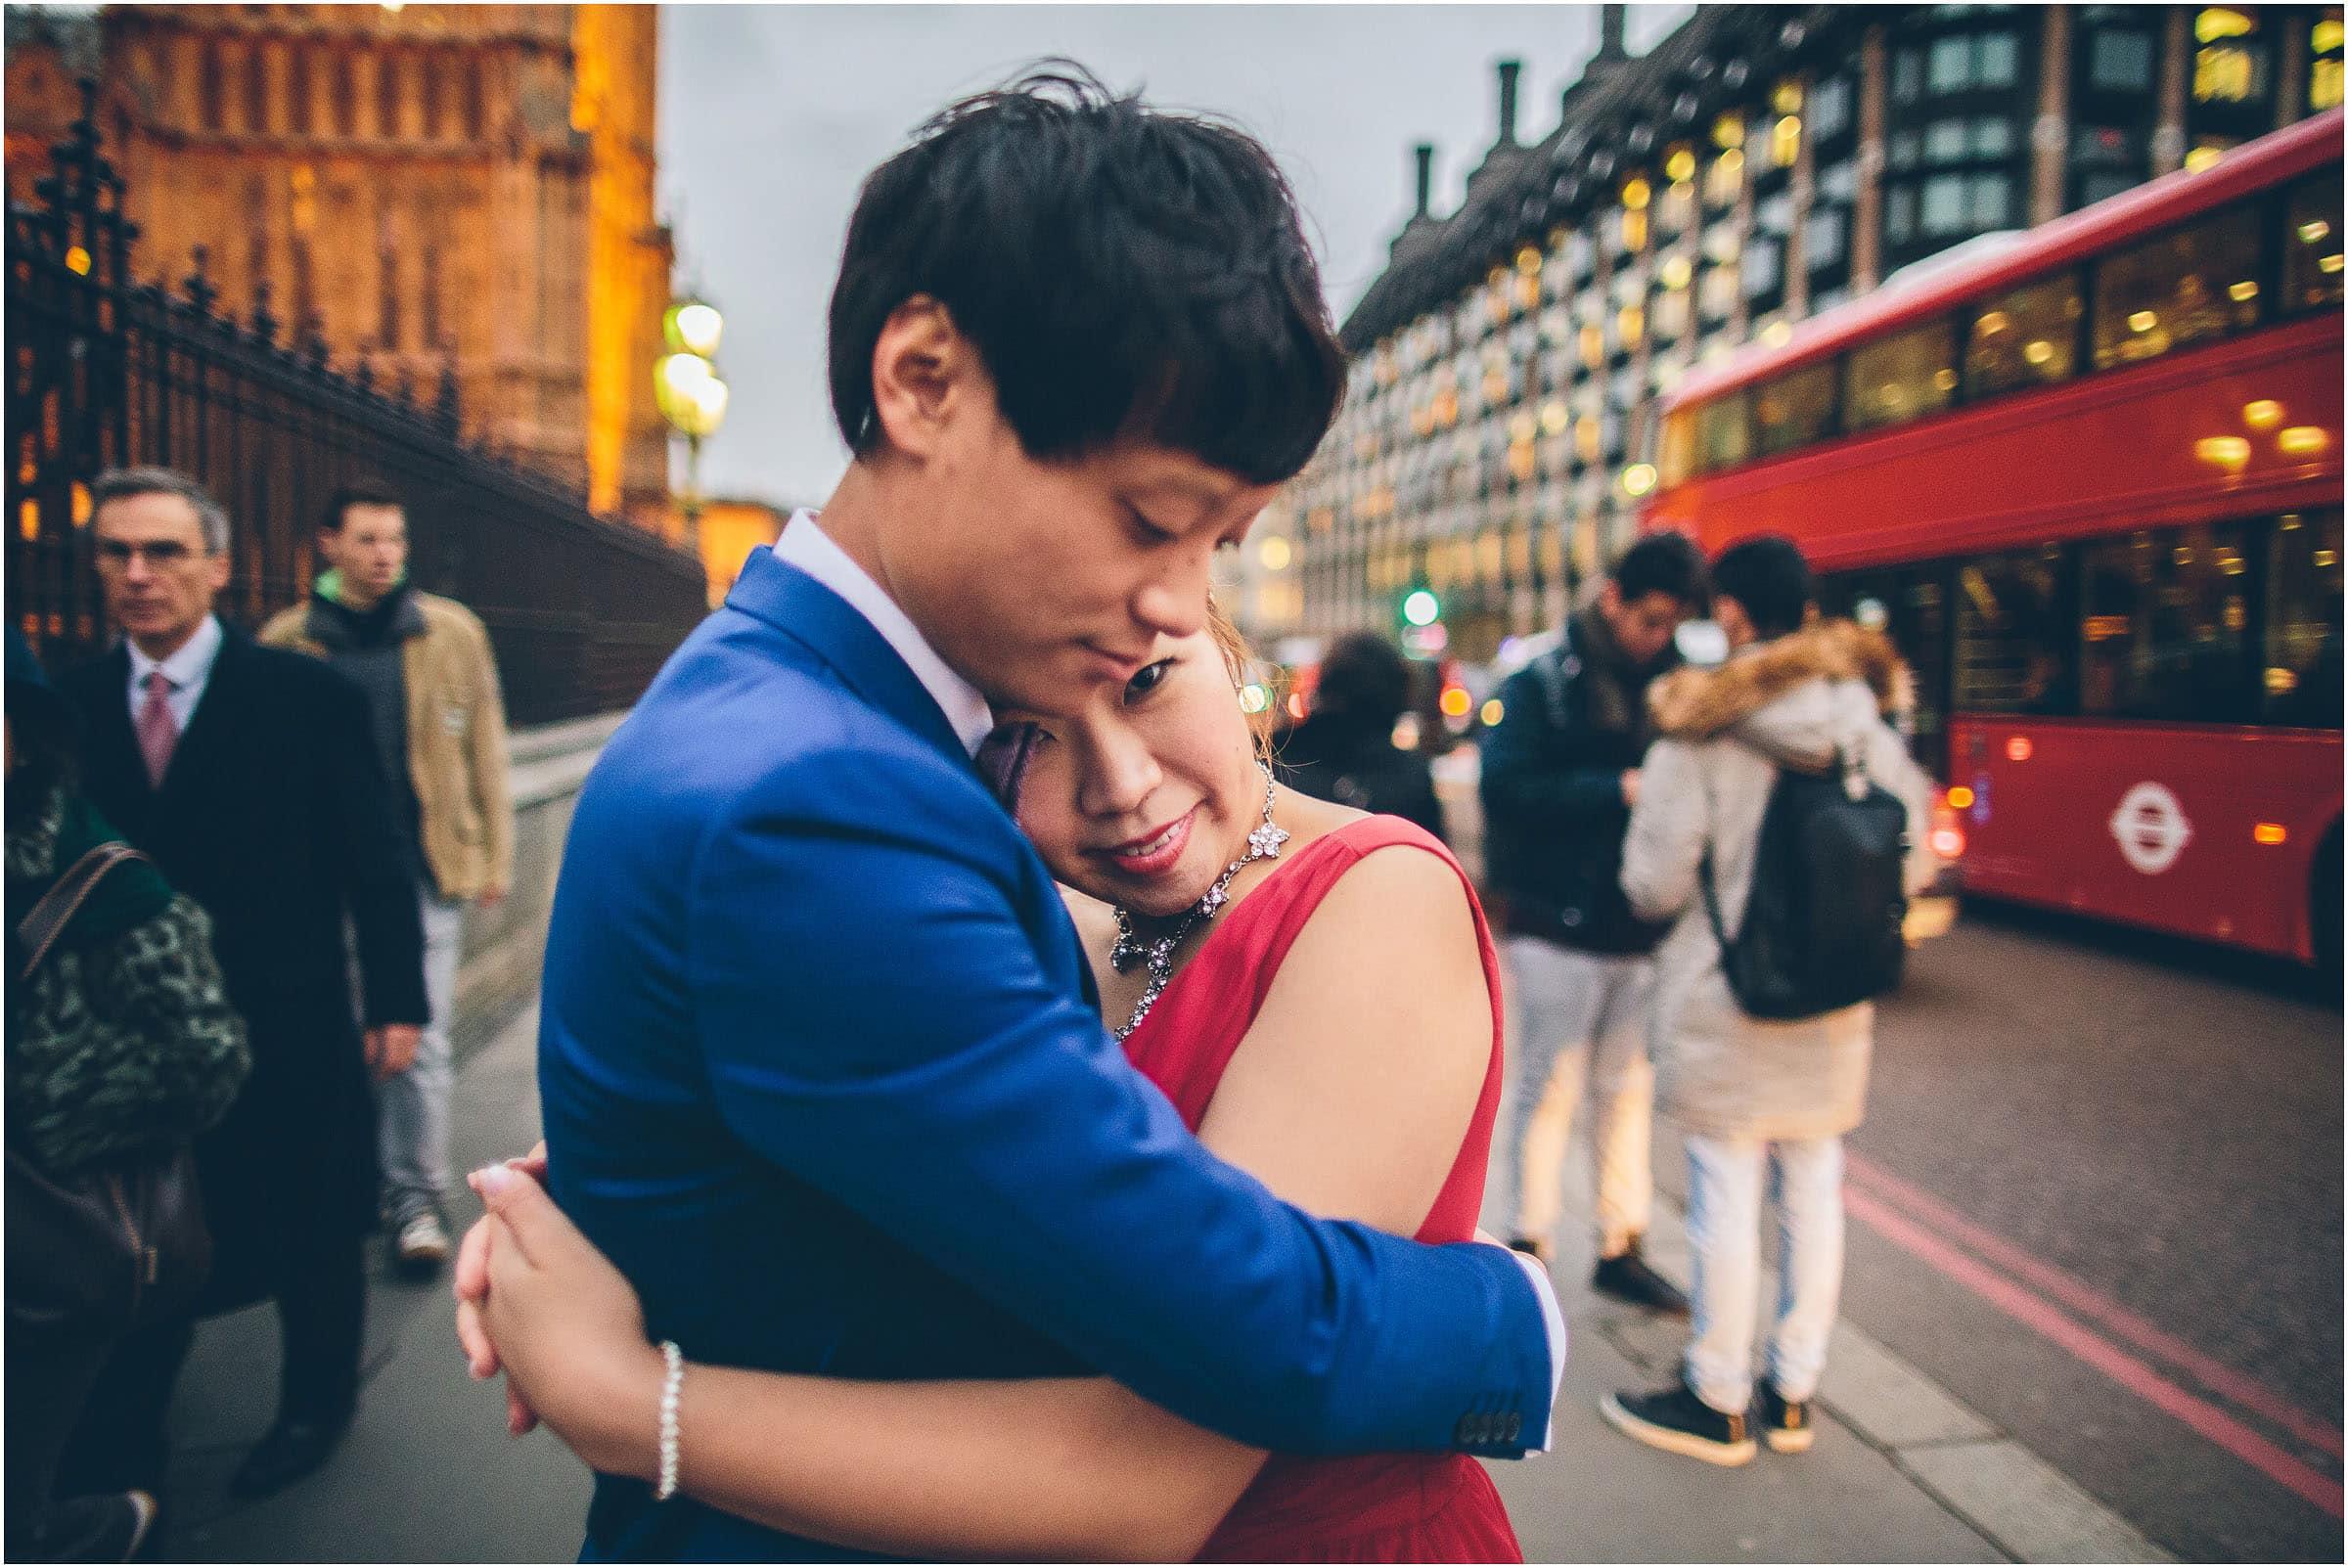 London_Portrait_Photography_0026